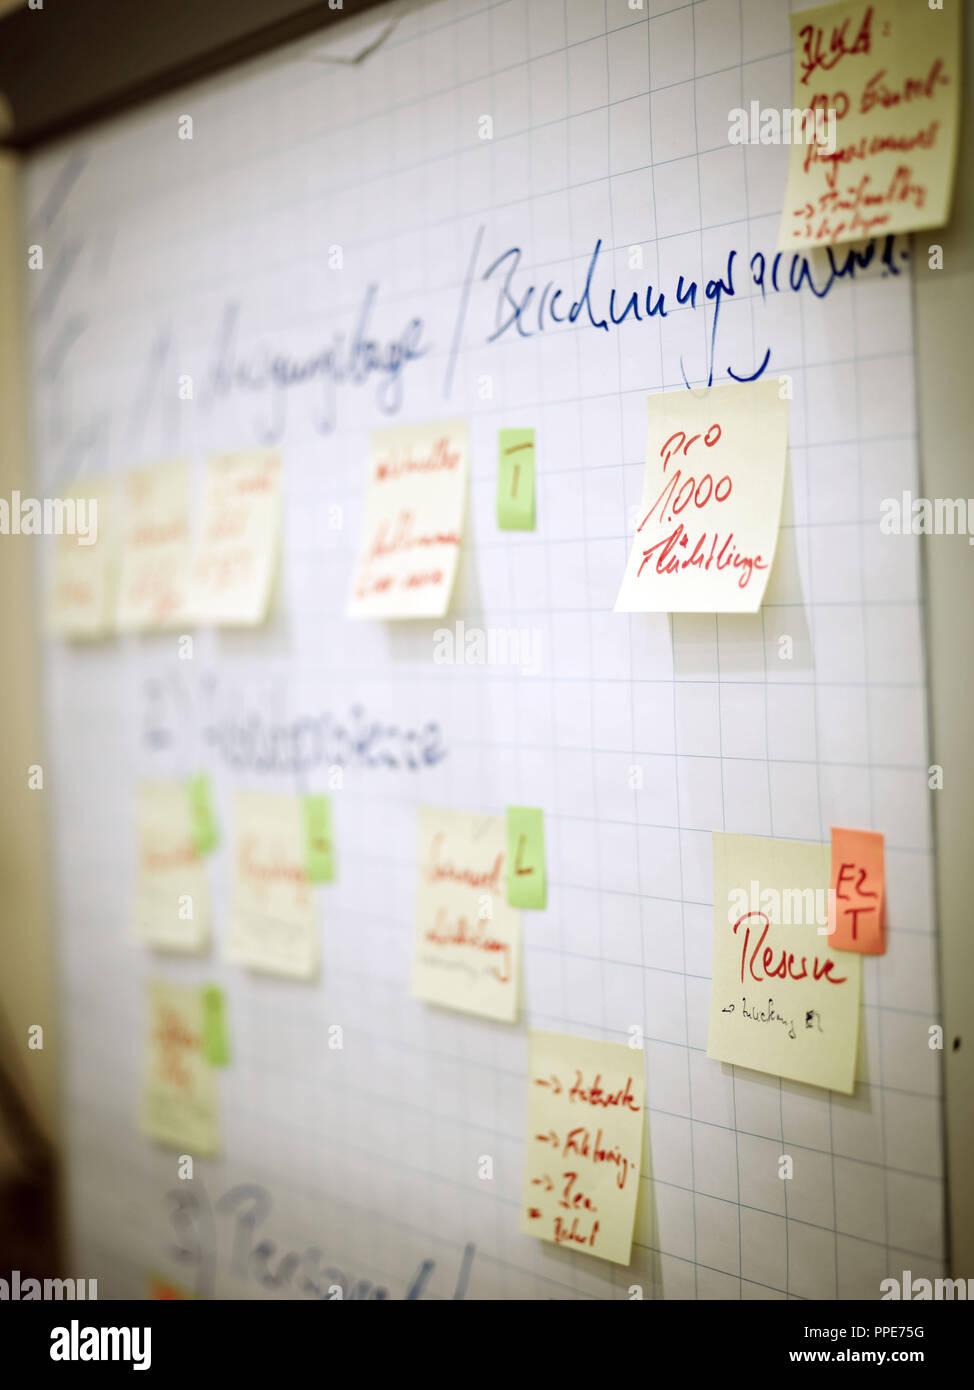 Flipchart in the situation room of the ?Coordinating Staff Asylum and Security? (?Koordinierungsstab Asyl und Sicherheit?) at Odeonsplatz 3. - Stock Image